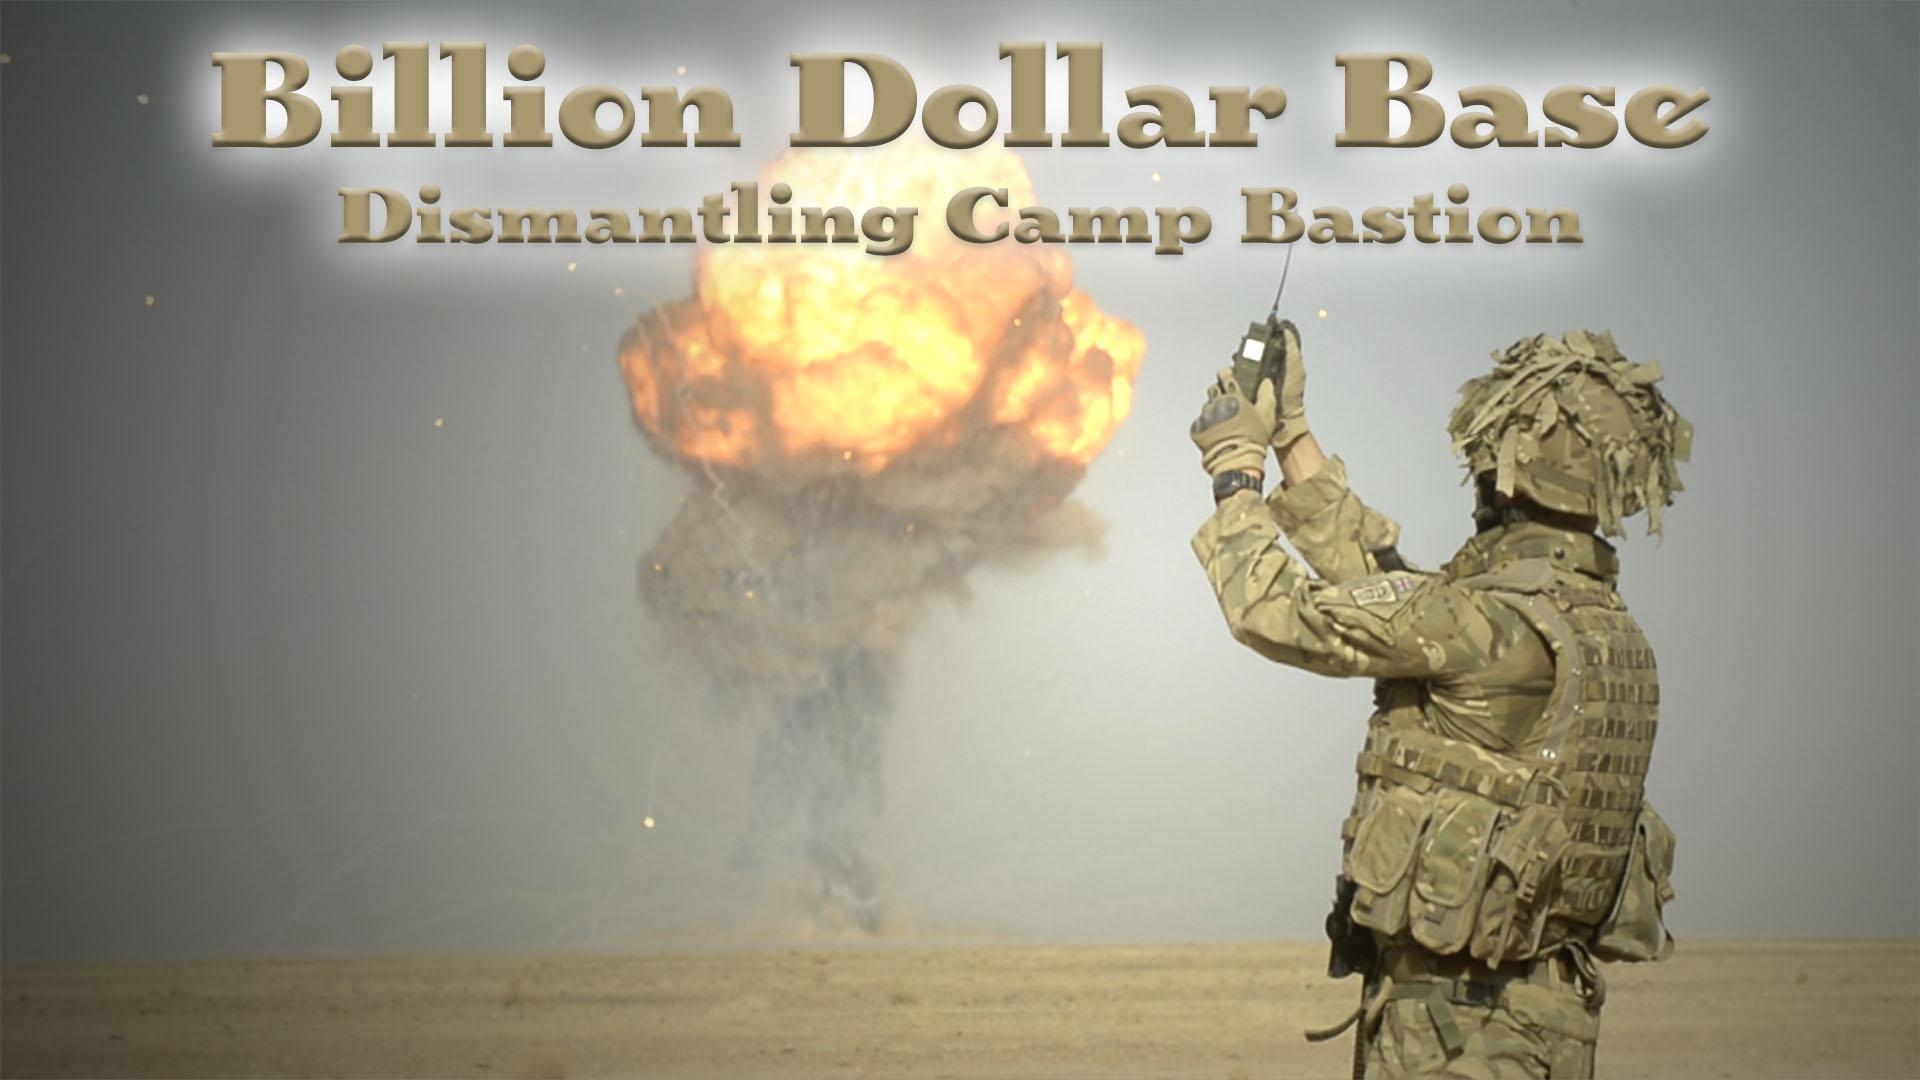 The Billion Dollar Base - Dismantling Camp Bastion